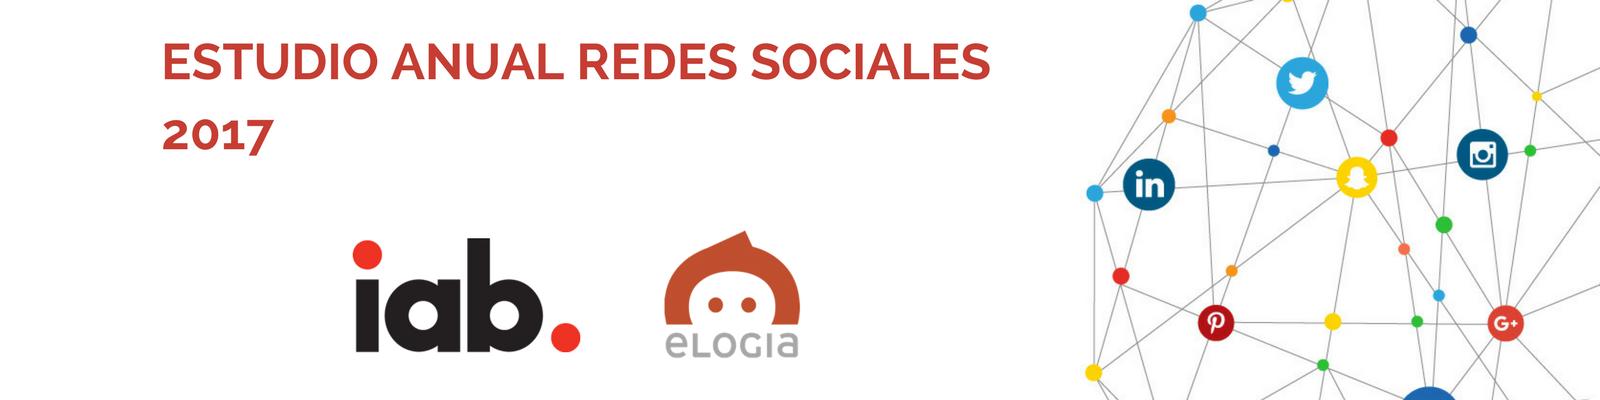 Estudio Anual Redes Sociales 2017